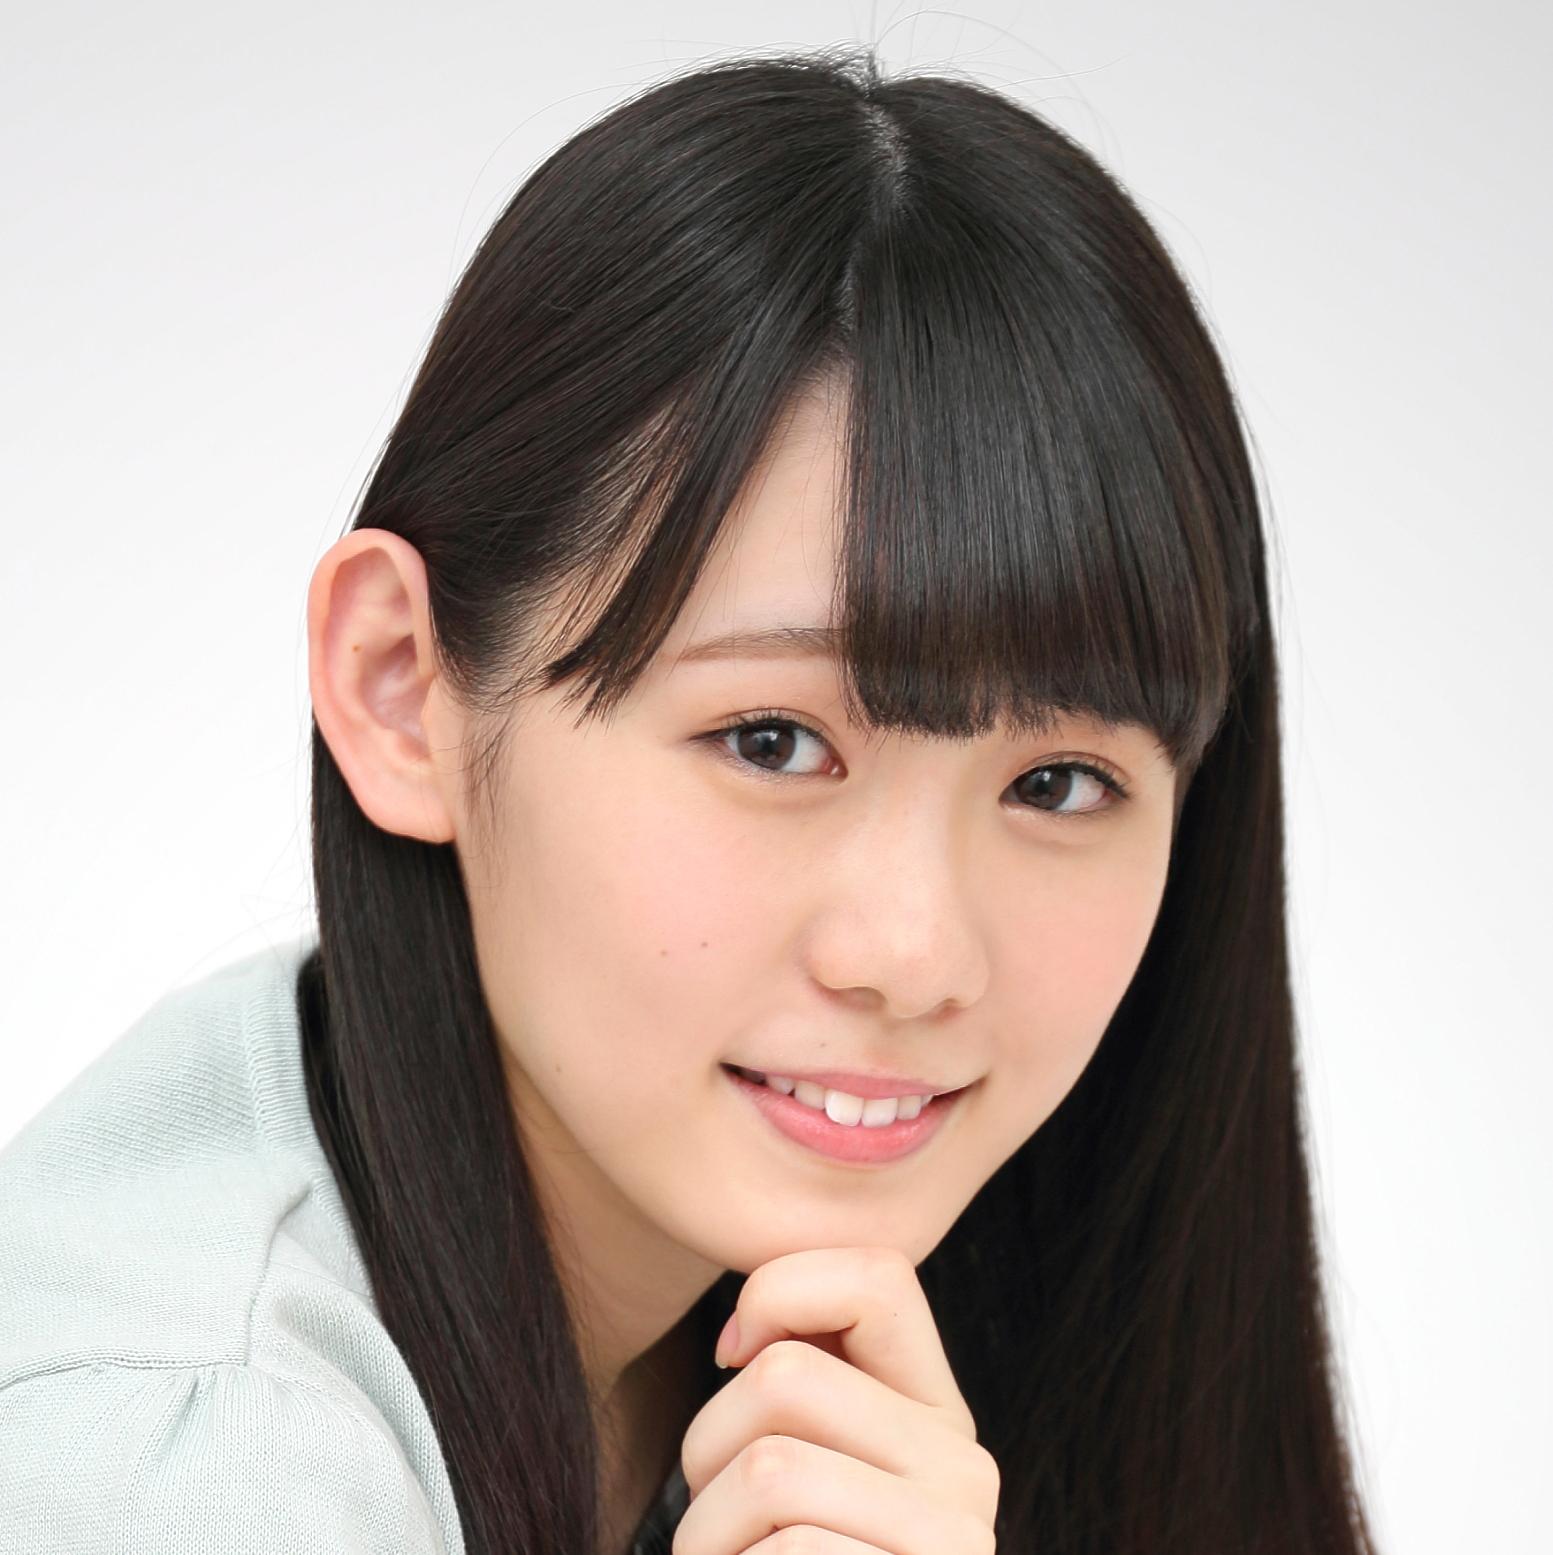 欅坂46メンバーが語る!「なんでもBEST3」<br />第13回 小池美波さんの『人生を変えたアーティストBEST3』